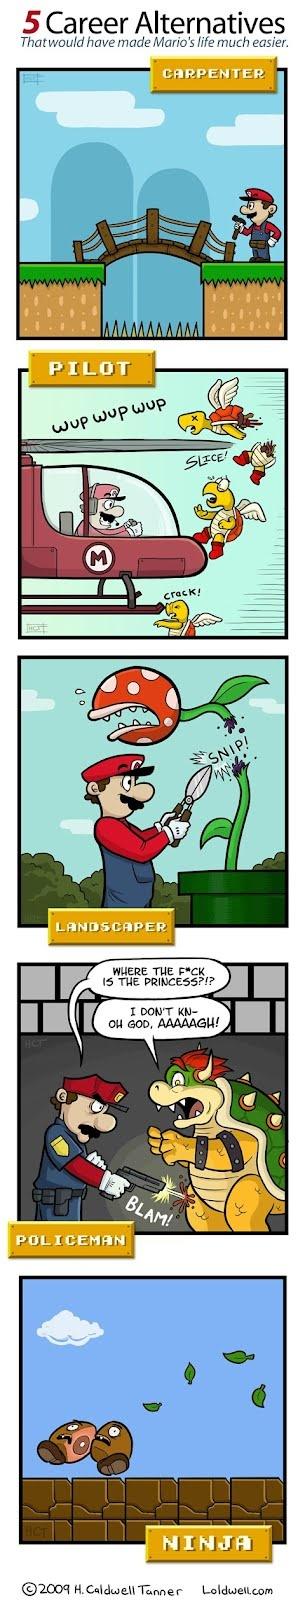 Mario career alternativesMario Job, Funny Image, Funny Pics, Funny Pictures, Alternative Career, Funny Stuff, Funny Photos, Super Mario, Career Alternative